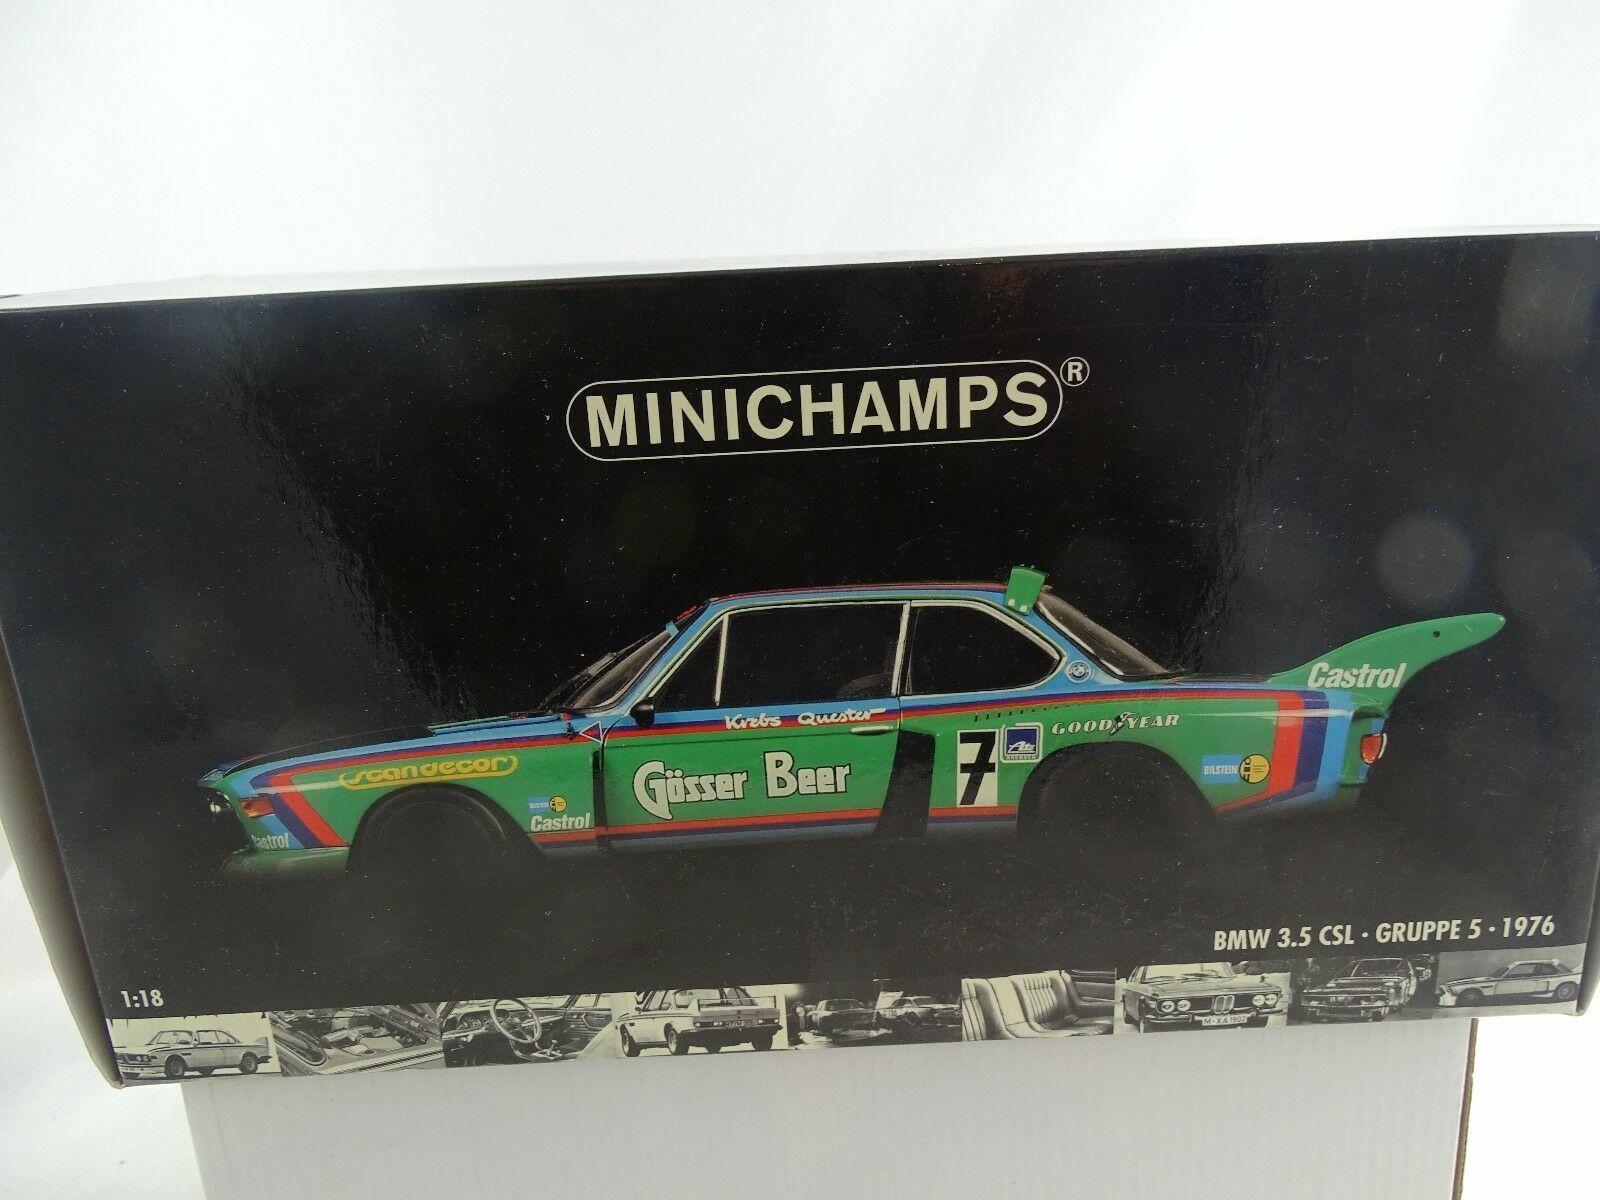 1 18 - Minichamps 1976 BMW 3.5 CLS gruppo 5 Gösser BEER  7 Rarità-Nuovo Scatola Originale